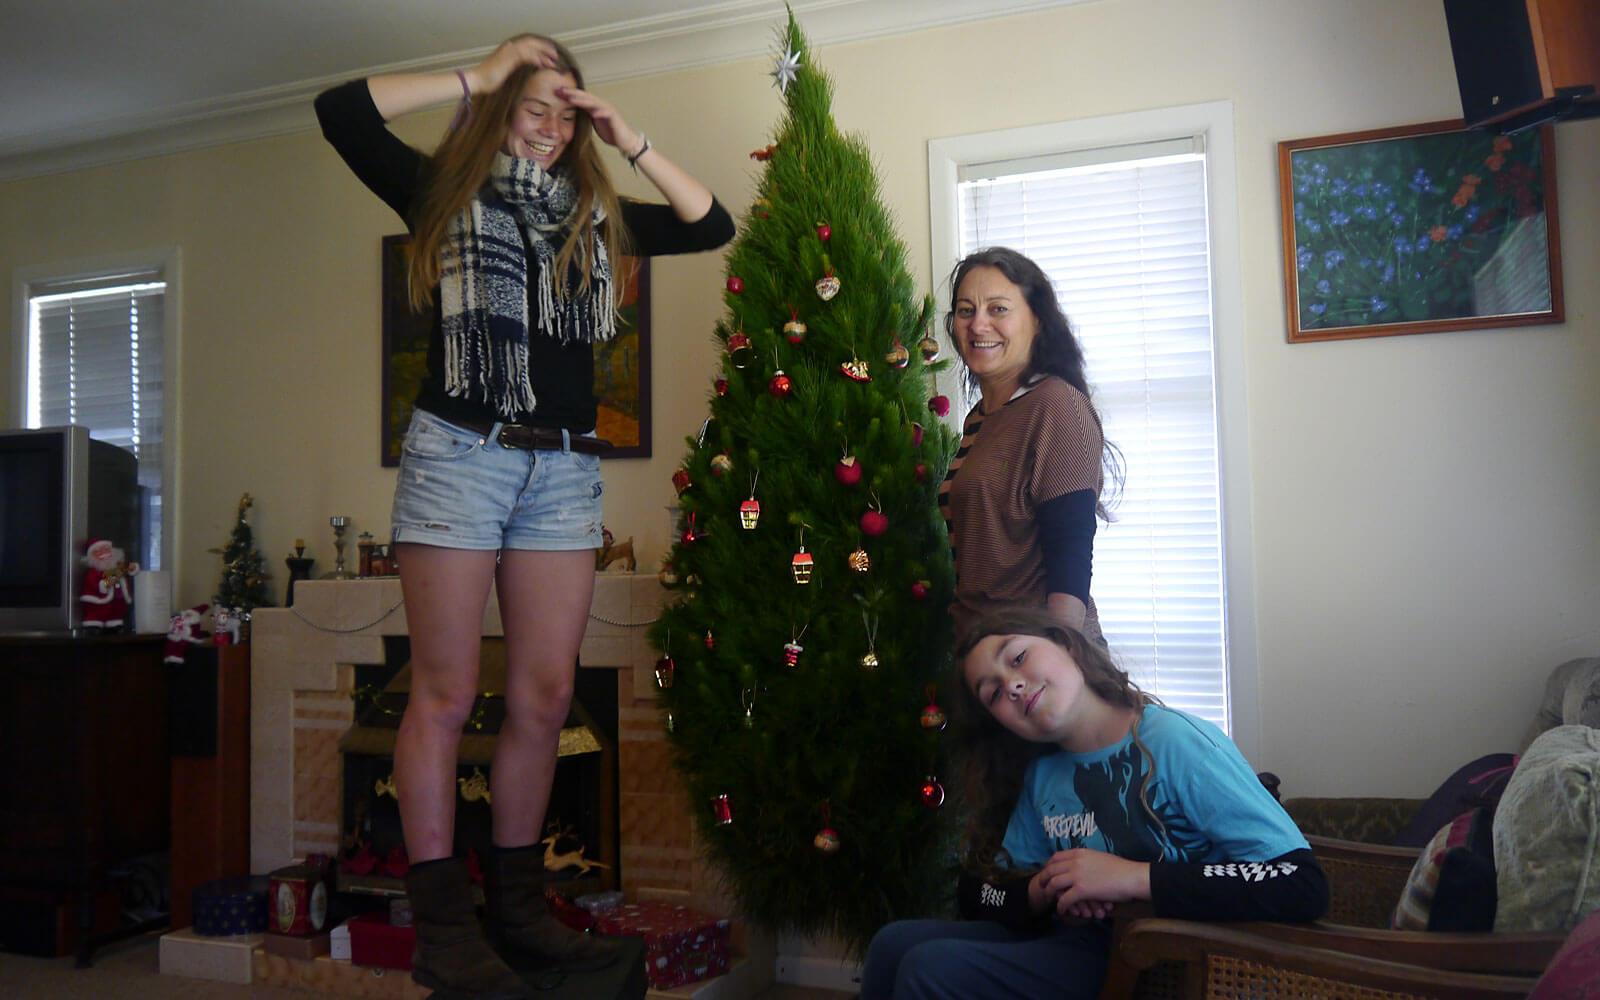 Stipendiatin Miriam schmückt den Weihnachtsbaum in Neuseeland